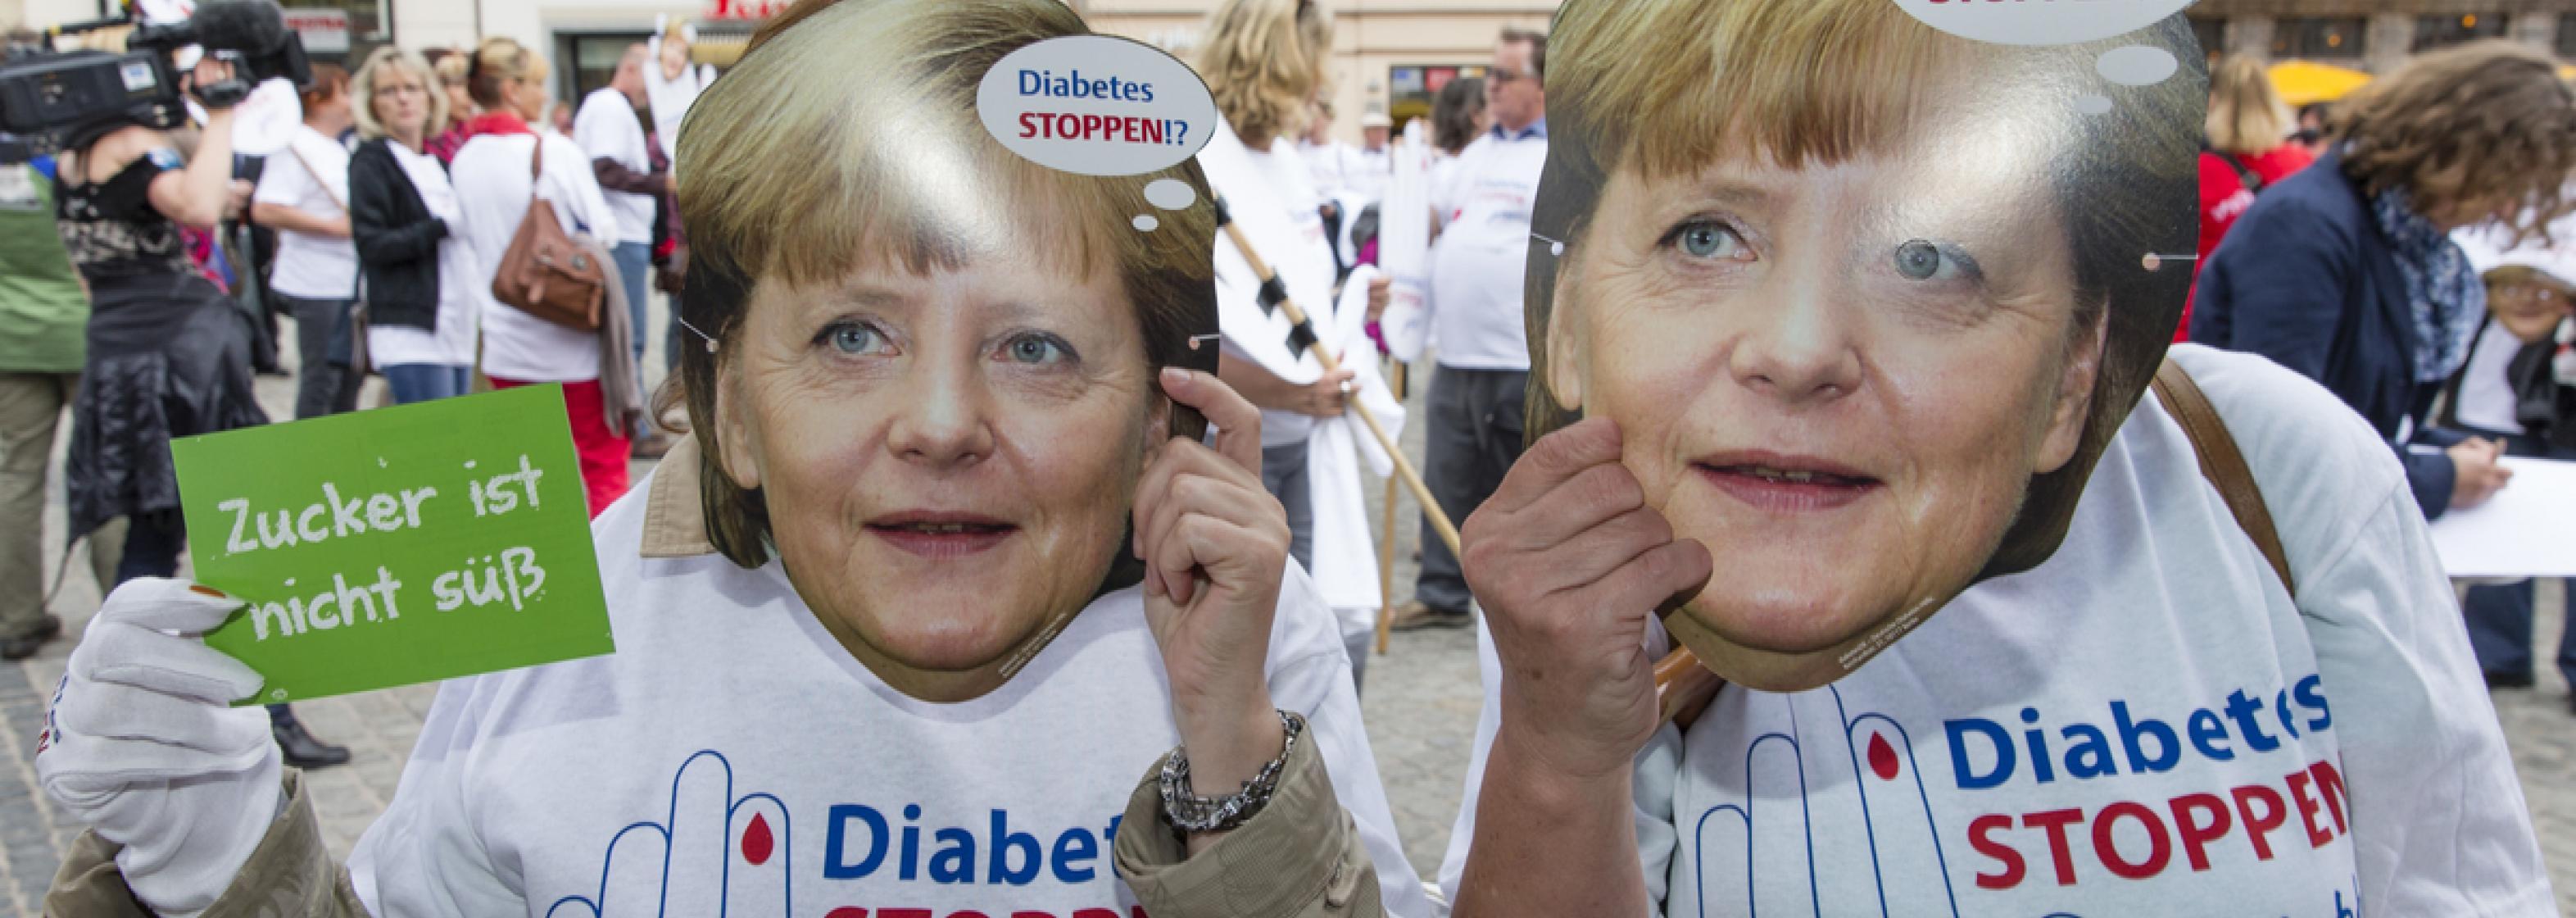 """Demo """"Diabetes STOPPEN - Jetzt!"""" am 9.5.2013 in Berlin"""